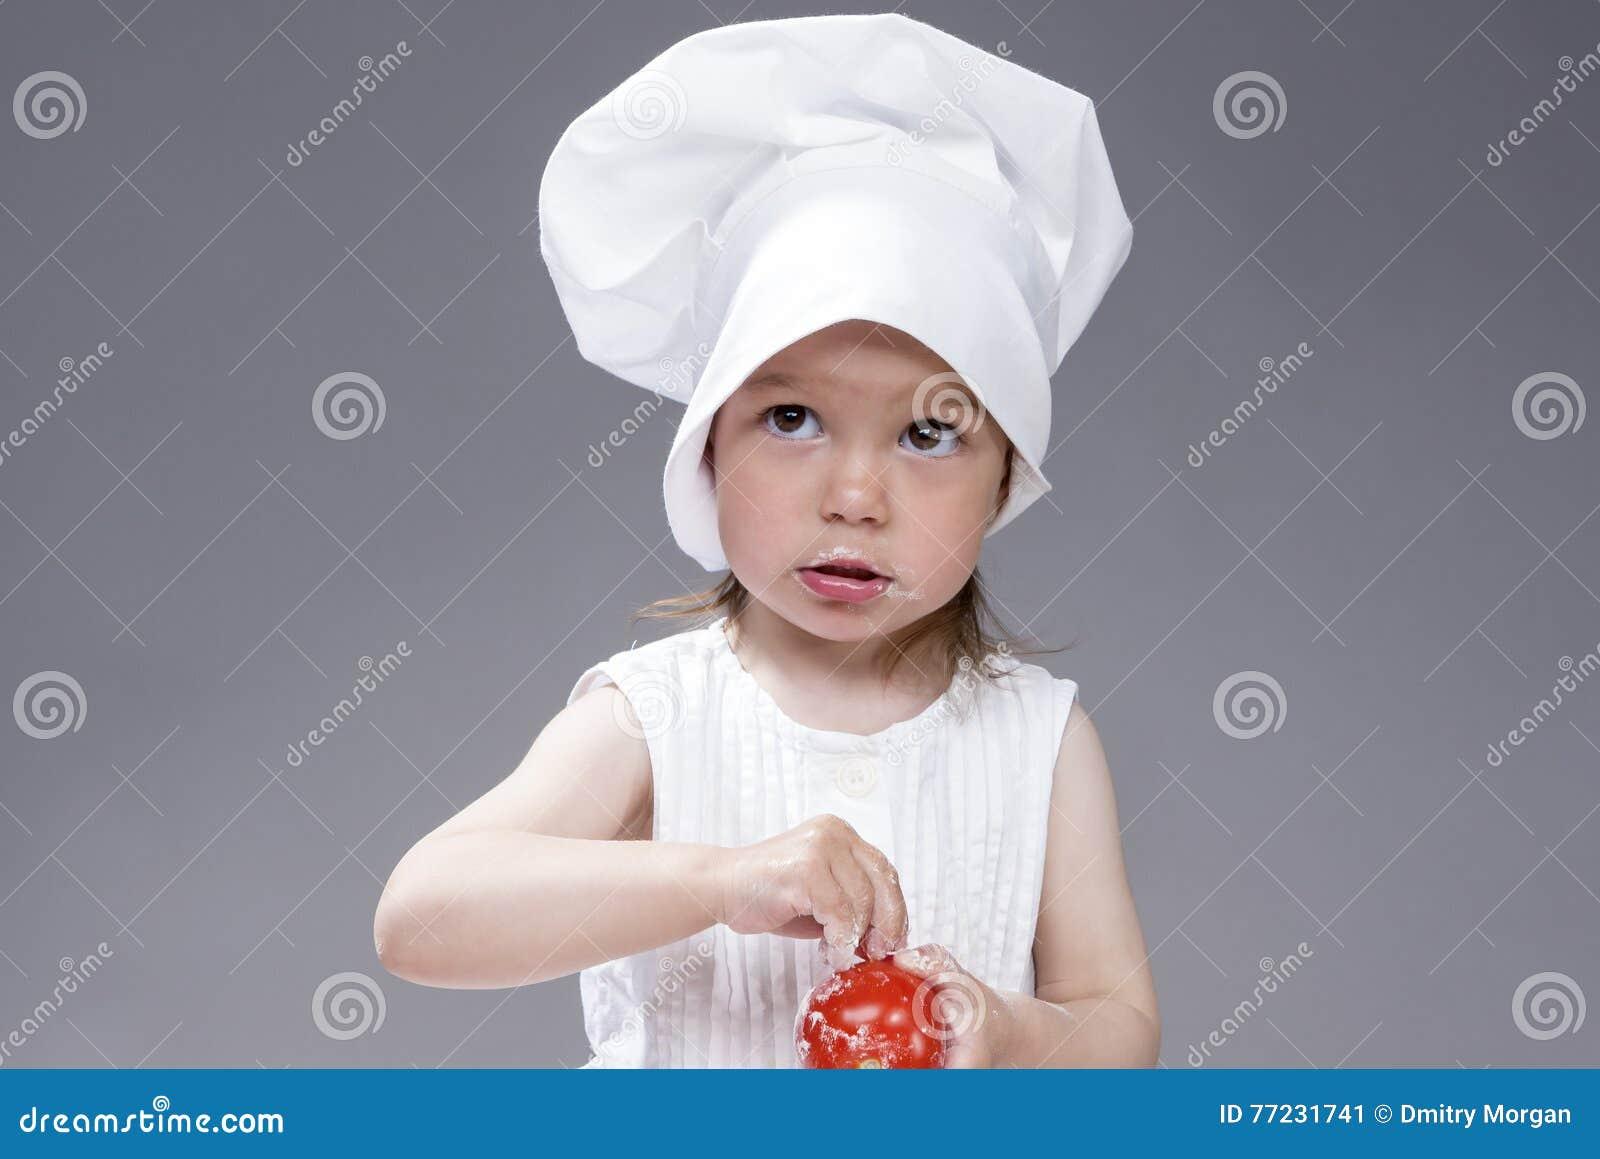 Leuke Keuken Ideeen : Keuken en het koken concepten en ideeën portret van het mooie leuke